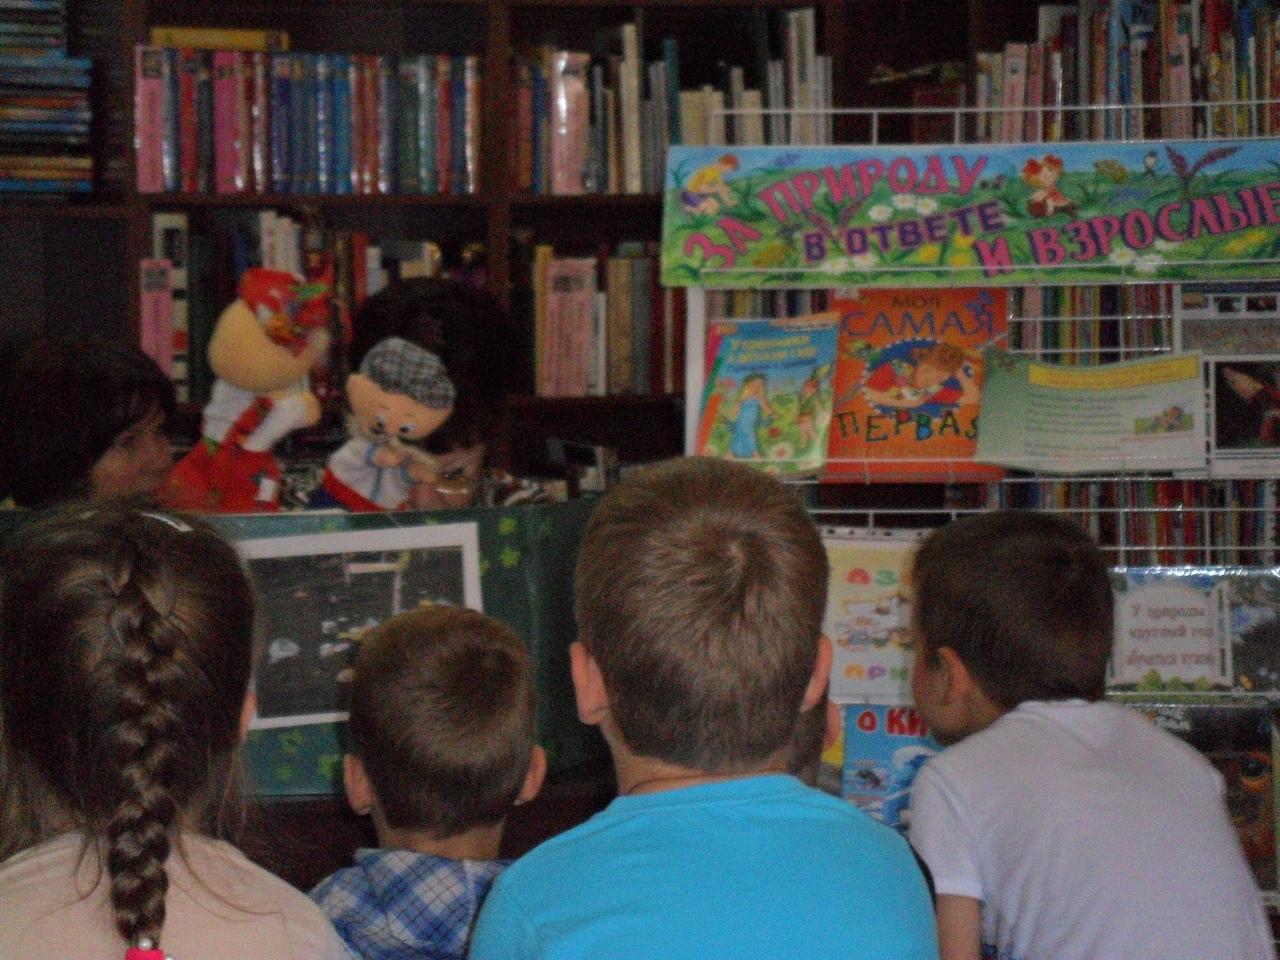 донецкая республиканская библиотека для детей, отдел искусств, экологическое воспитание, лесные истории